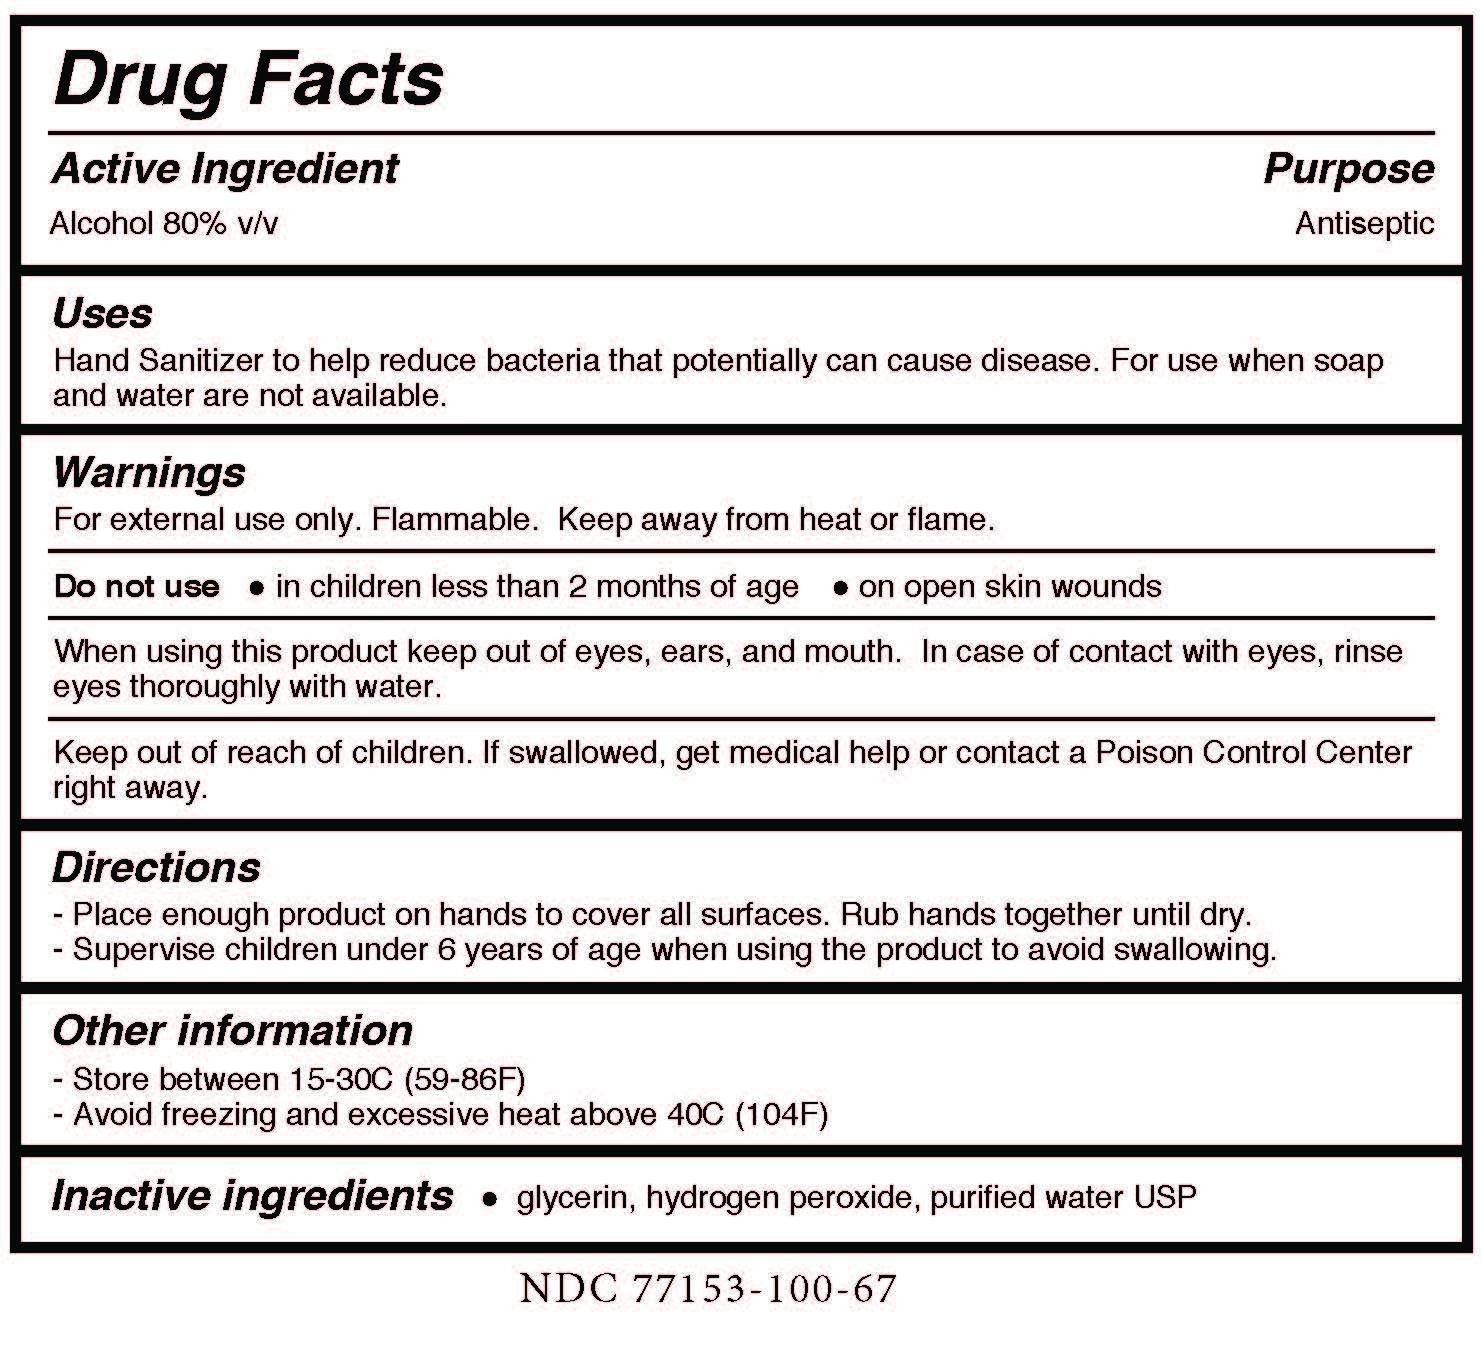 Drug Facts 200 ml bottle